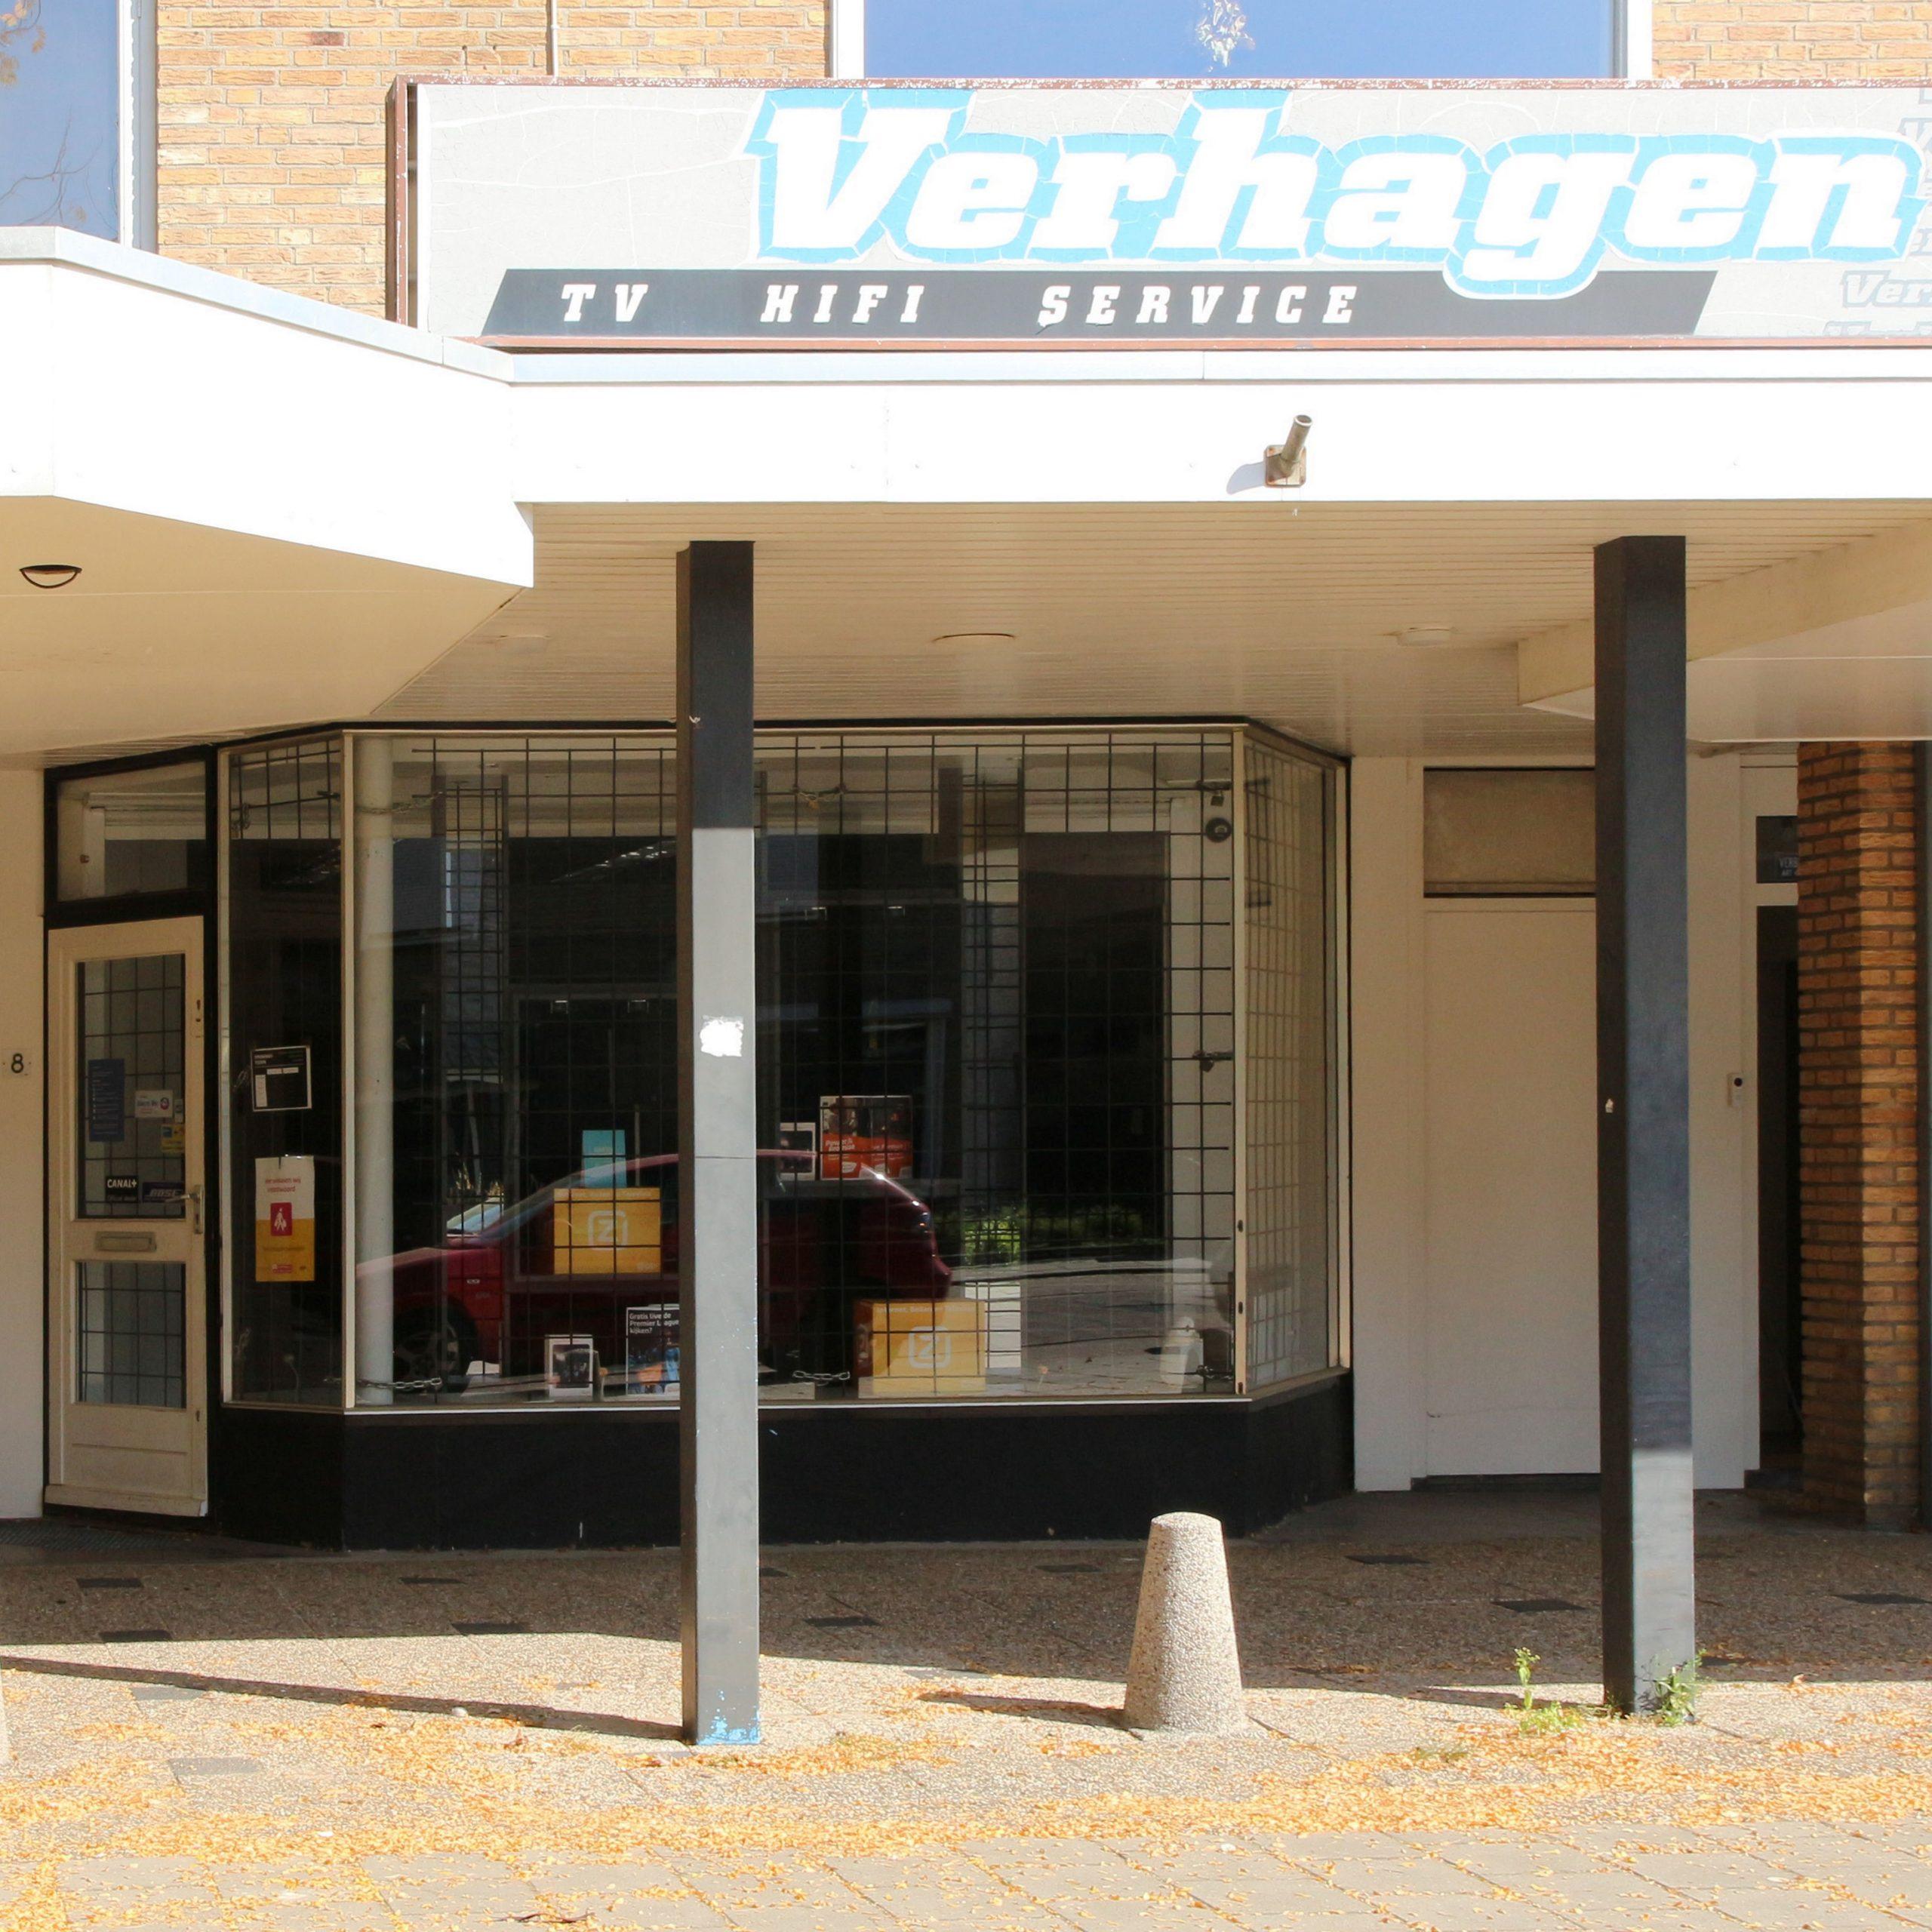 TV Verhagen 1